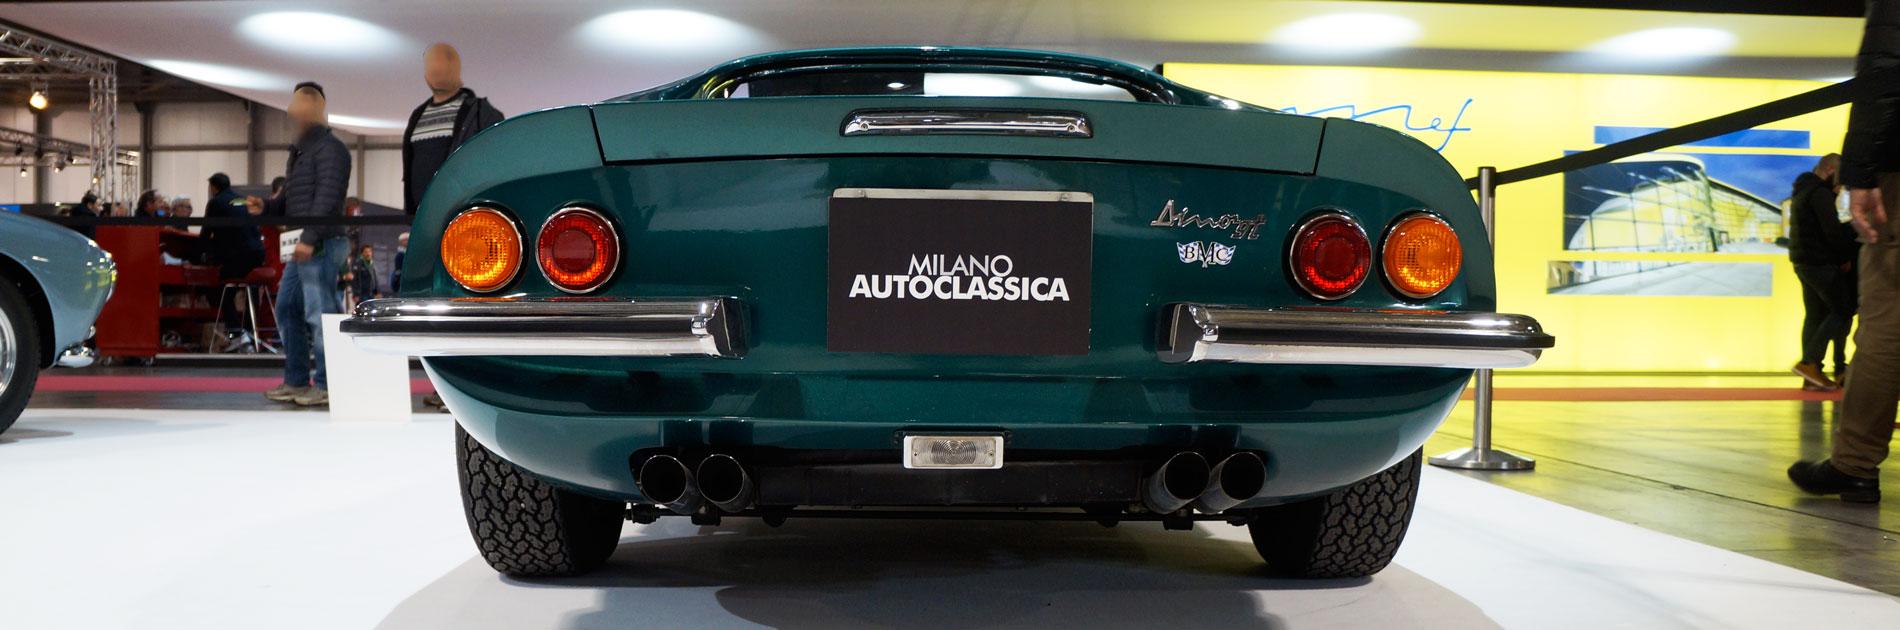 Milano Autoclassica 2020 - Copertina Anteprima